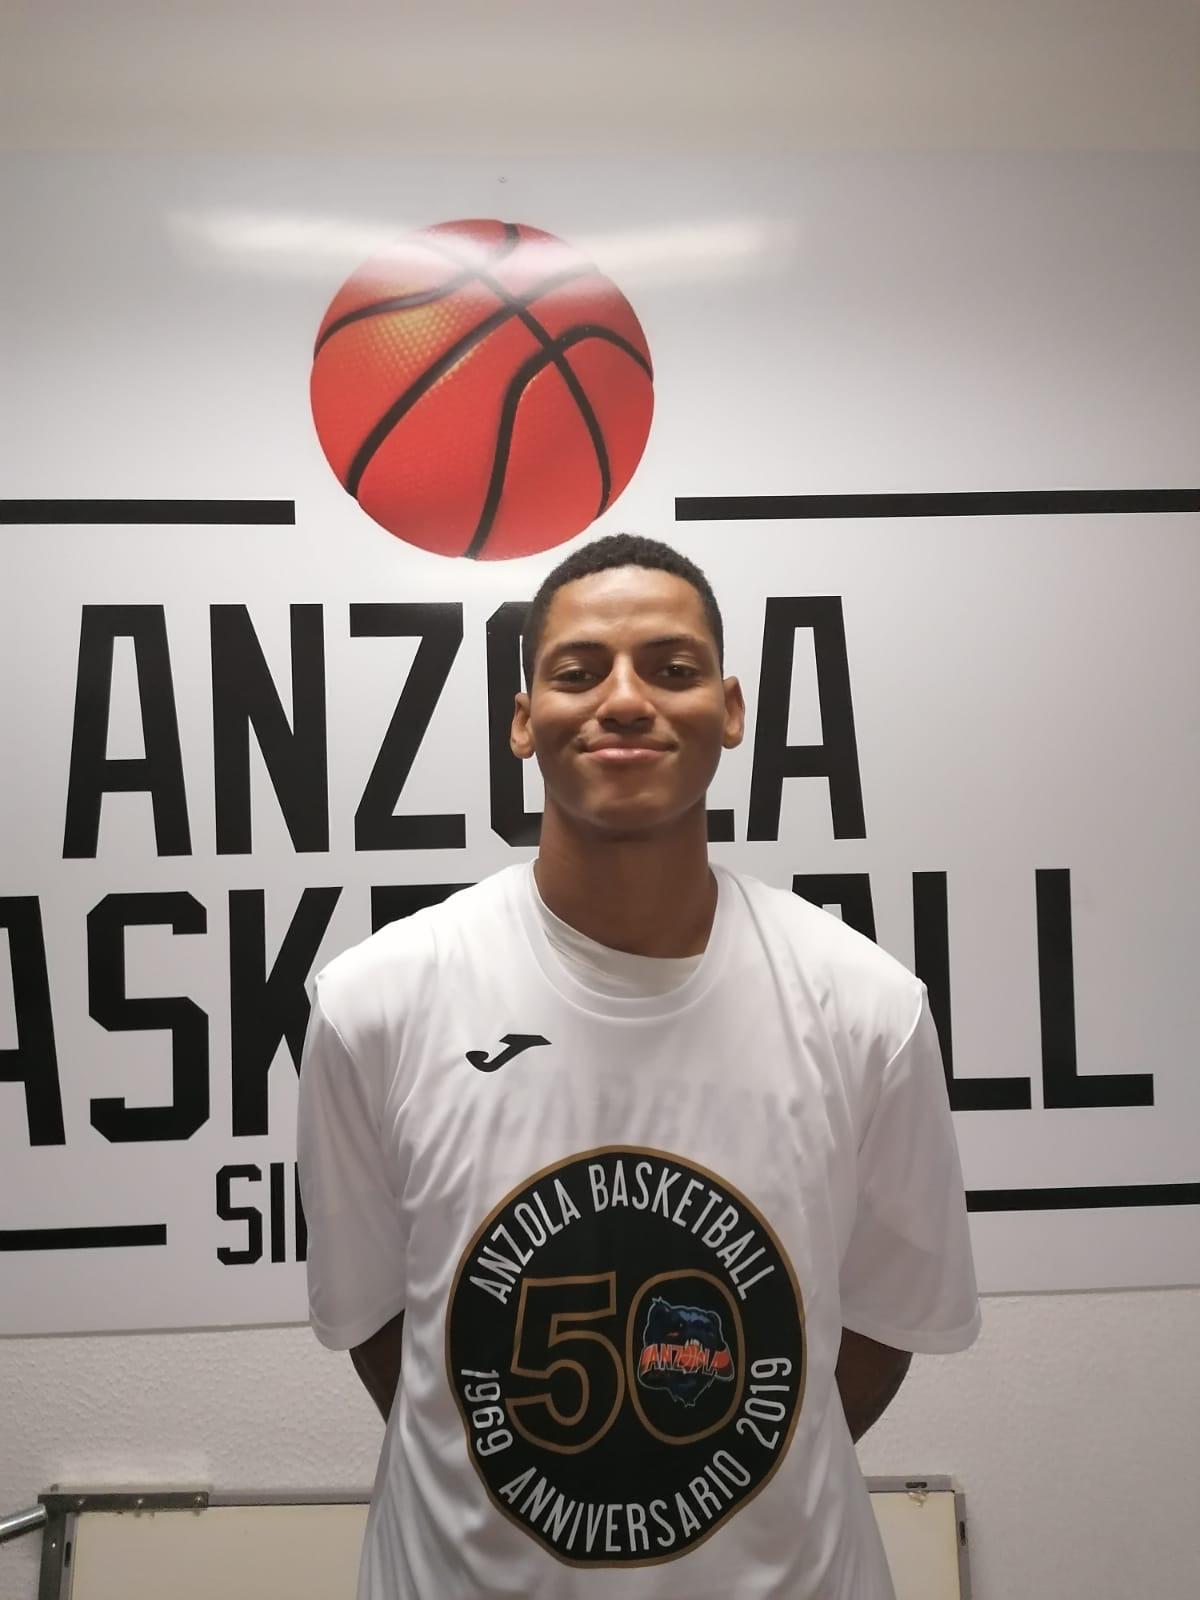 Un gradito ritorno per l'Anzola Basket: Othmane Youb